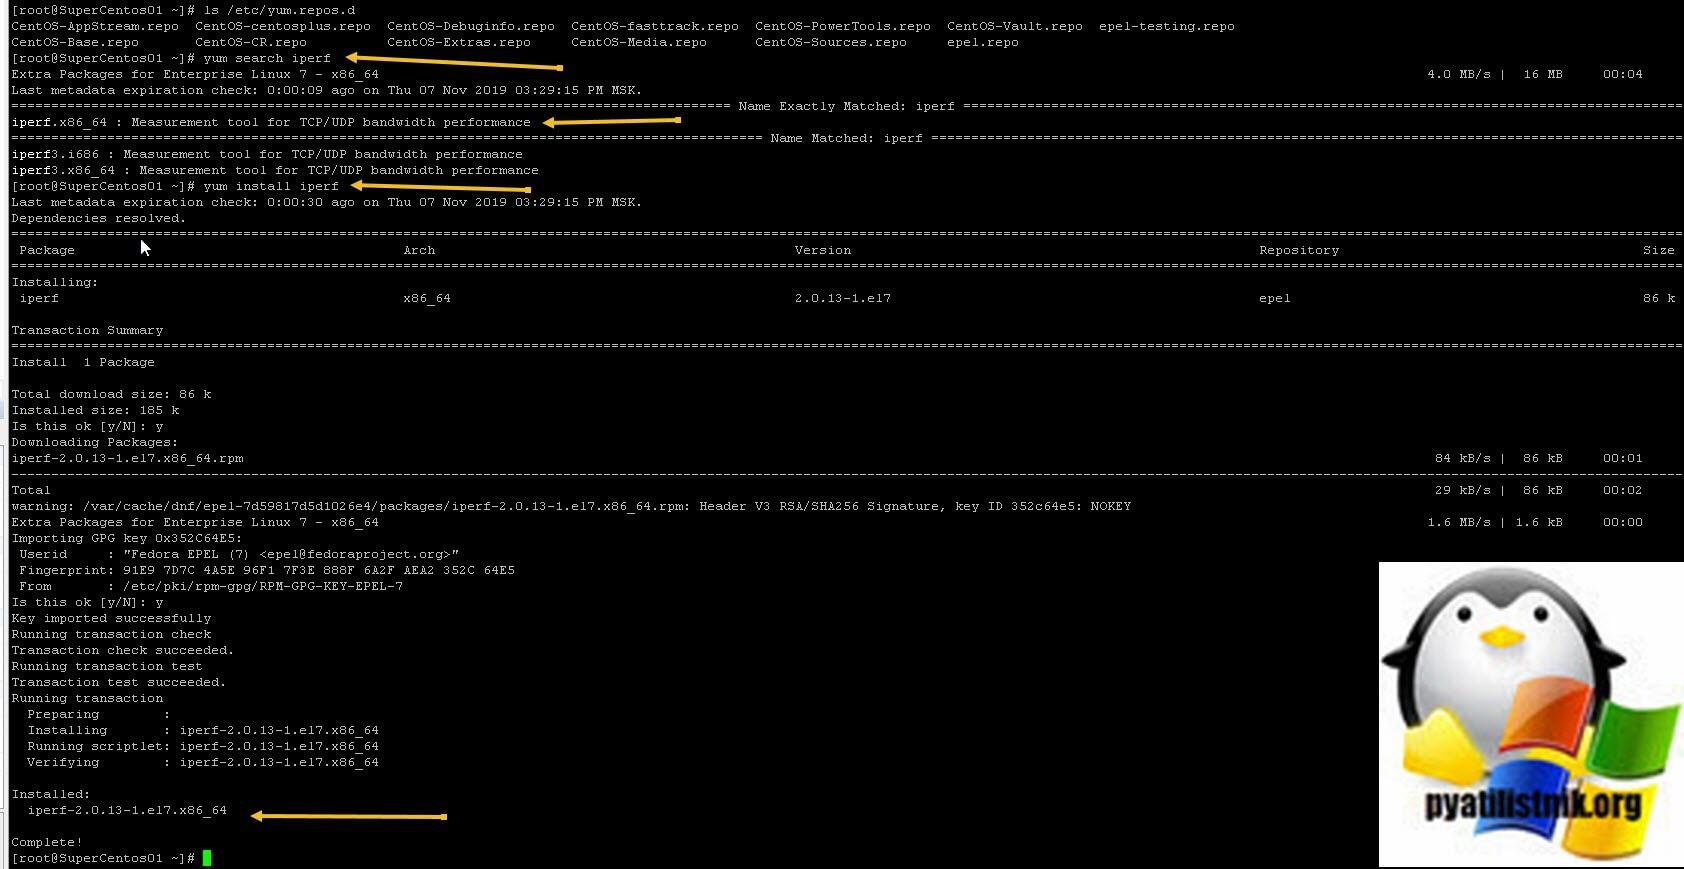 Установка Iperf в CentOS 7 minimal